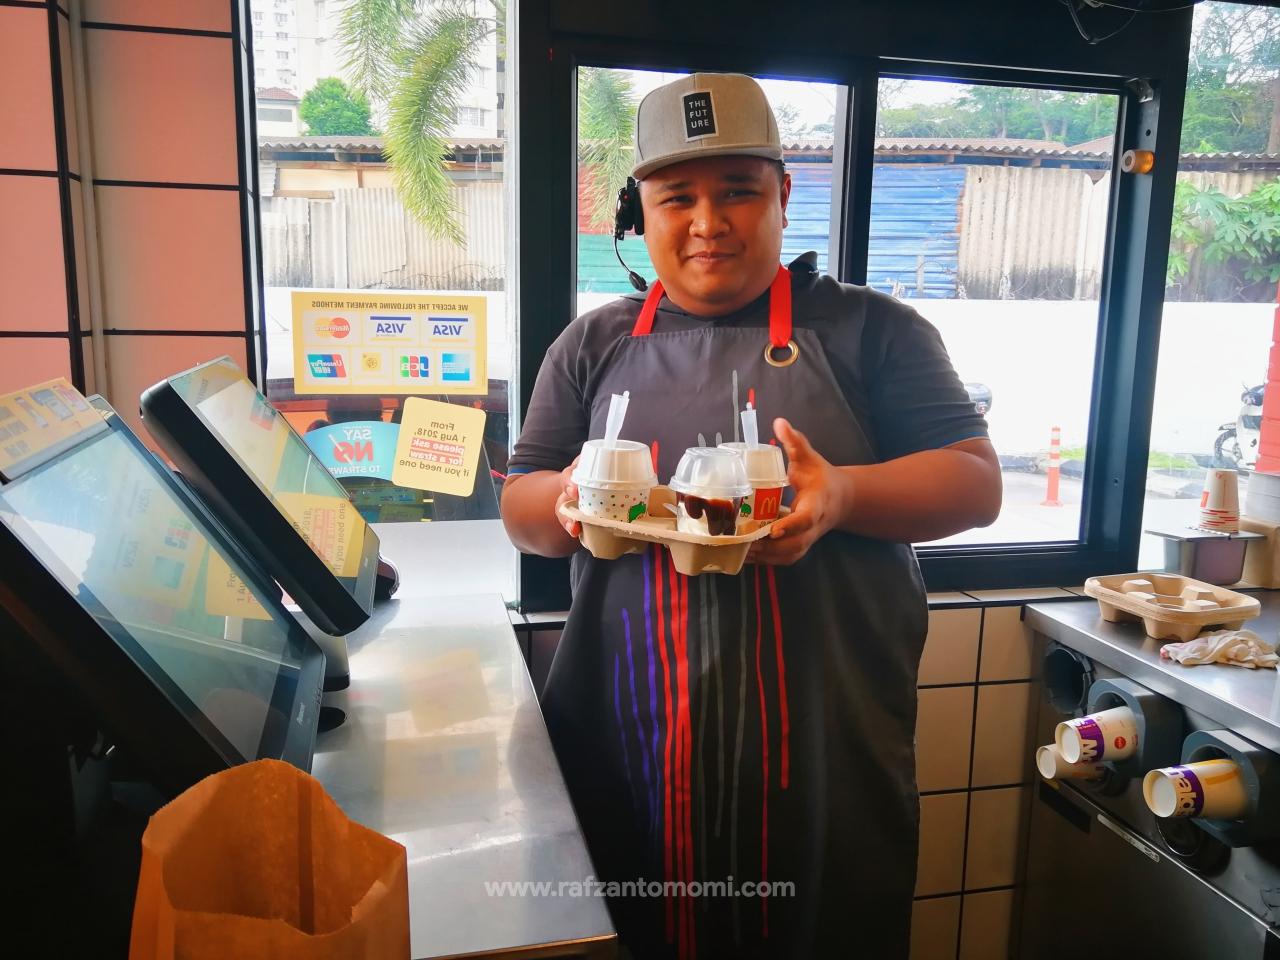 McD Turun Padang Day - Pengalaman Momi Bekerja Di McDonald's Sempena Hari McD Turun Padang